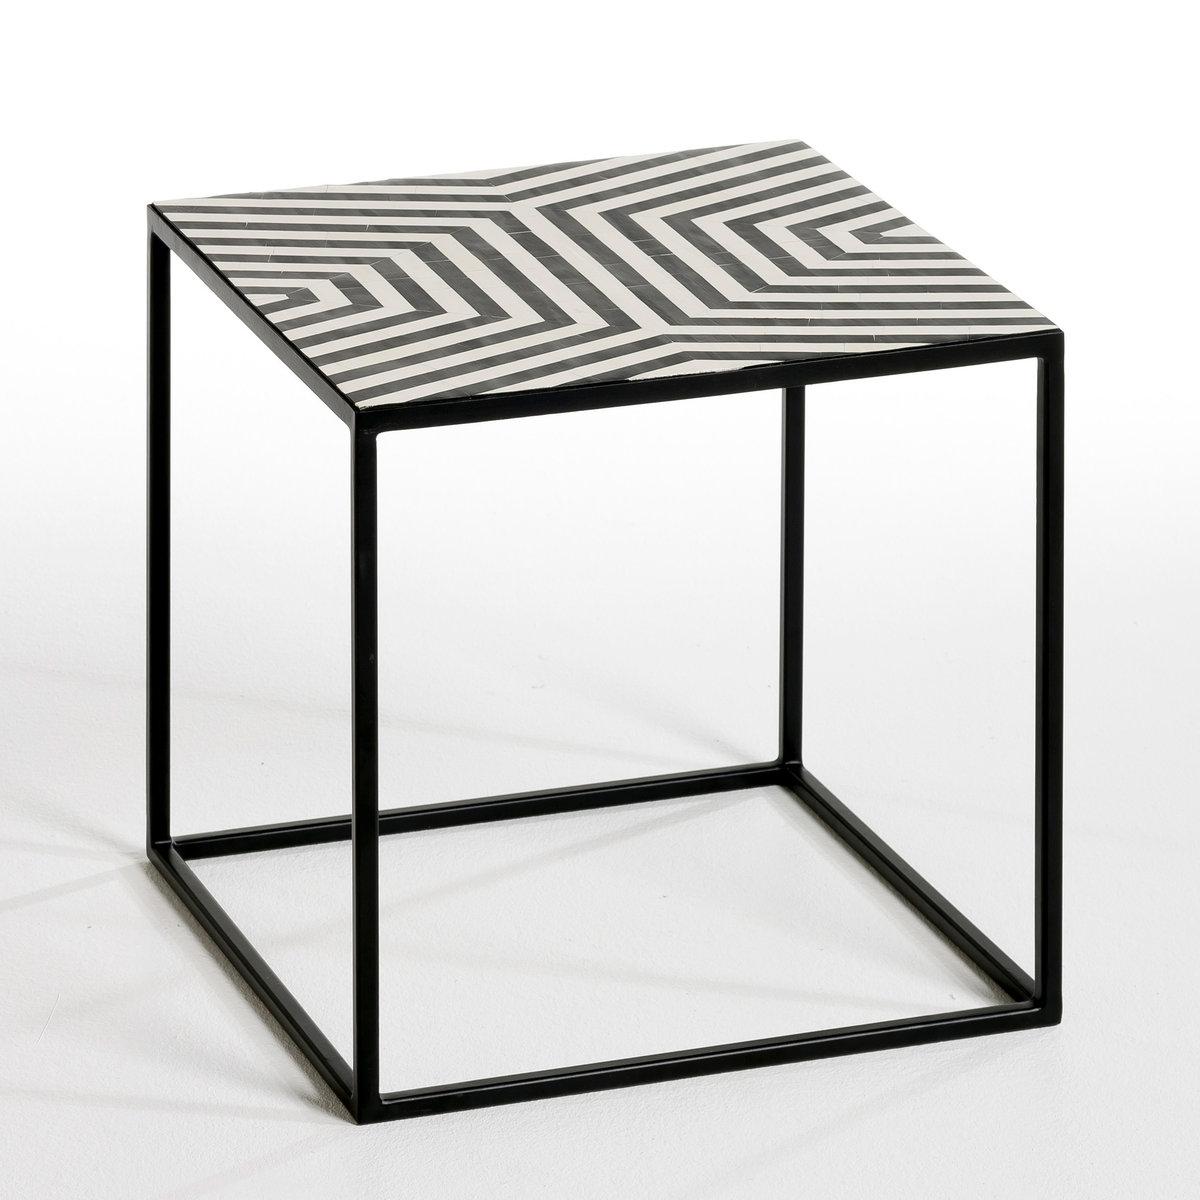 Столик G?om?trieЖурнальный столик или... маленький низкий стол . Симпатичный графический стиль, идеален, чтобы привнести оригинальность в интерьер !Каркас из металла черного цвета . Пластиковая столешница . Размеры. .40 x .40 x .40 см.<br><br>Цвет: черный/ белый